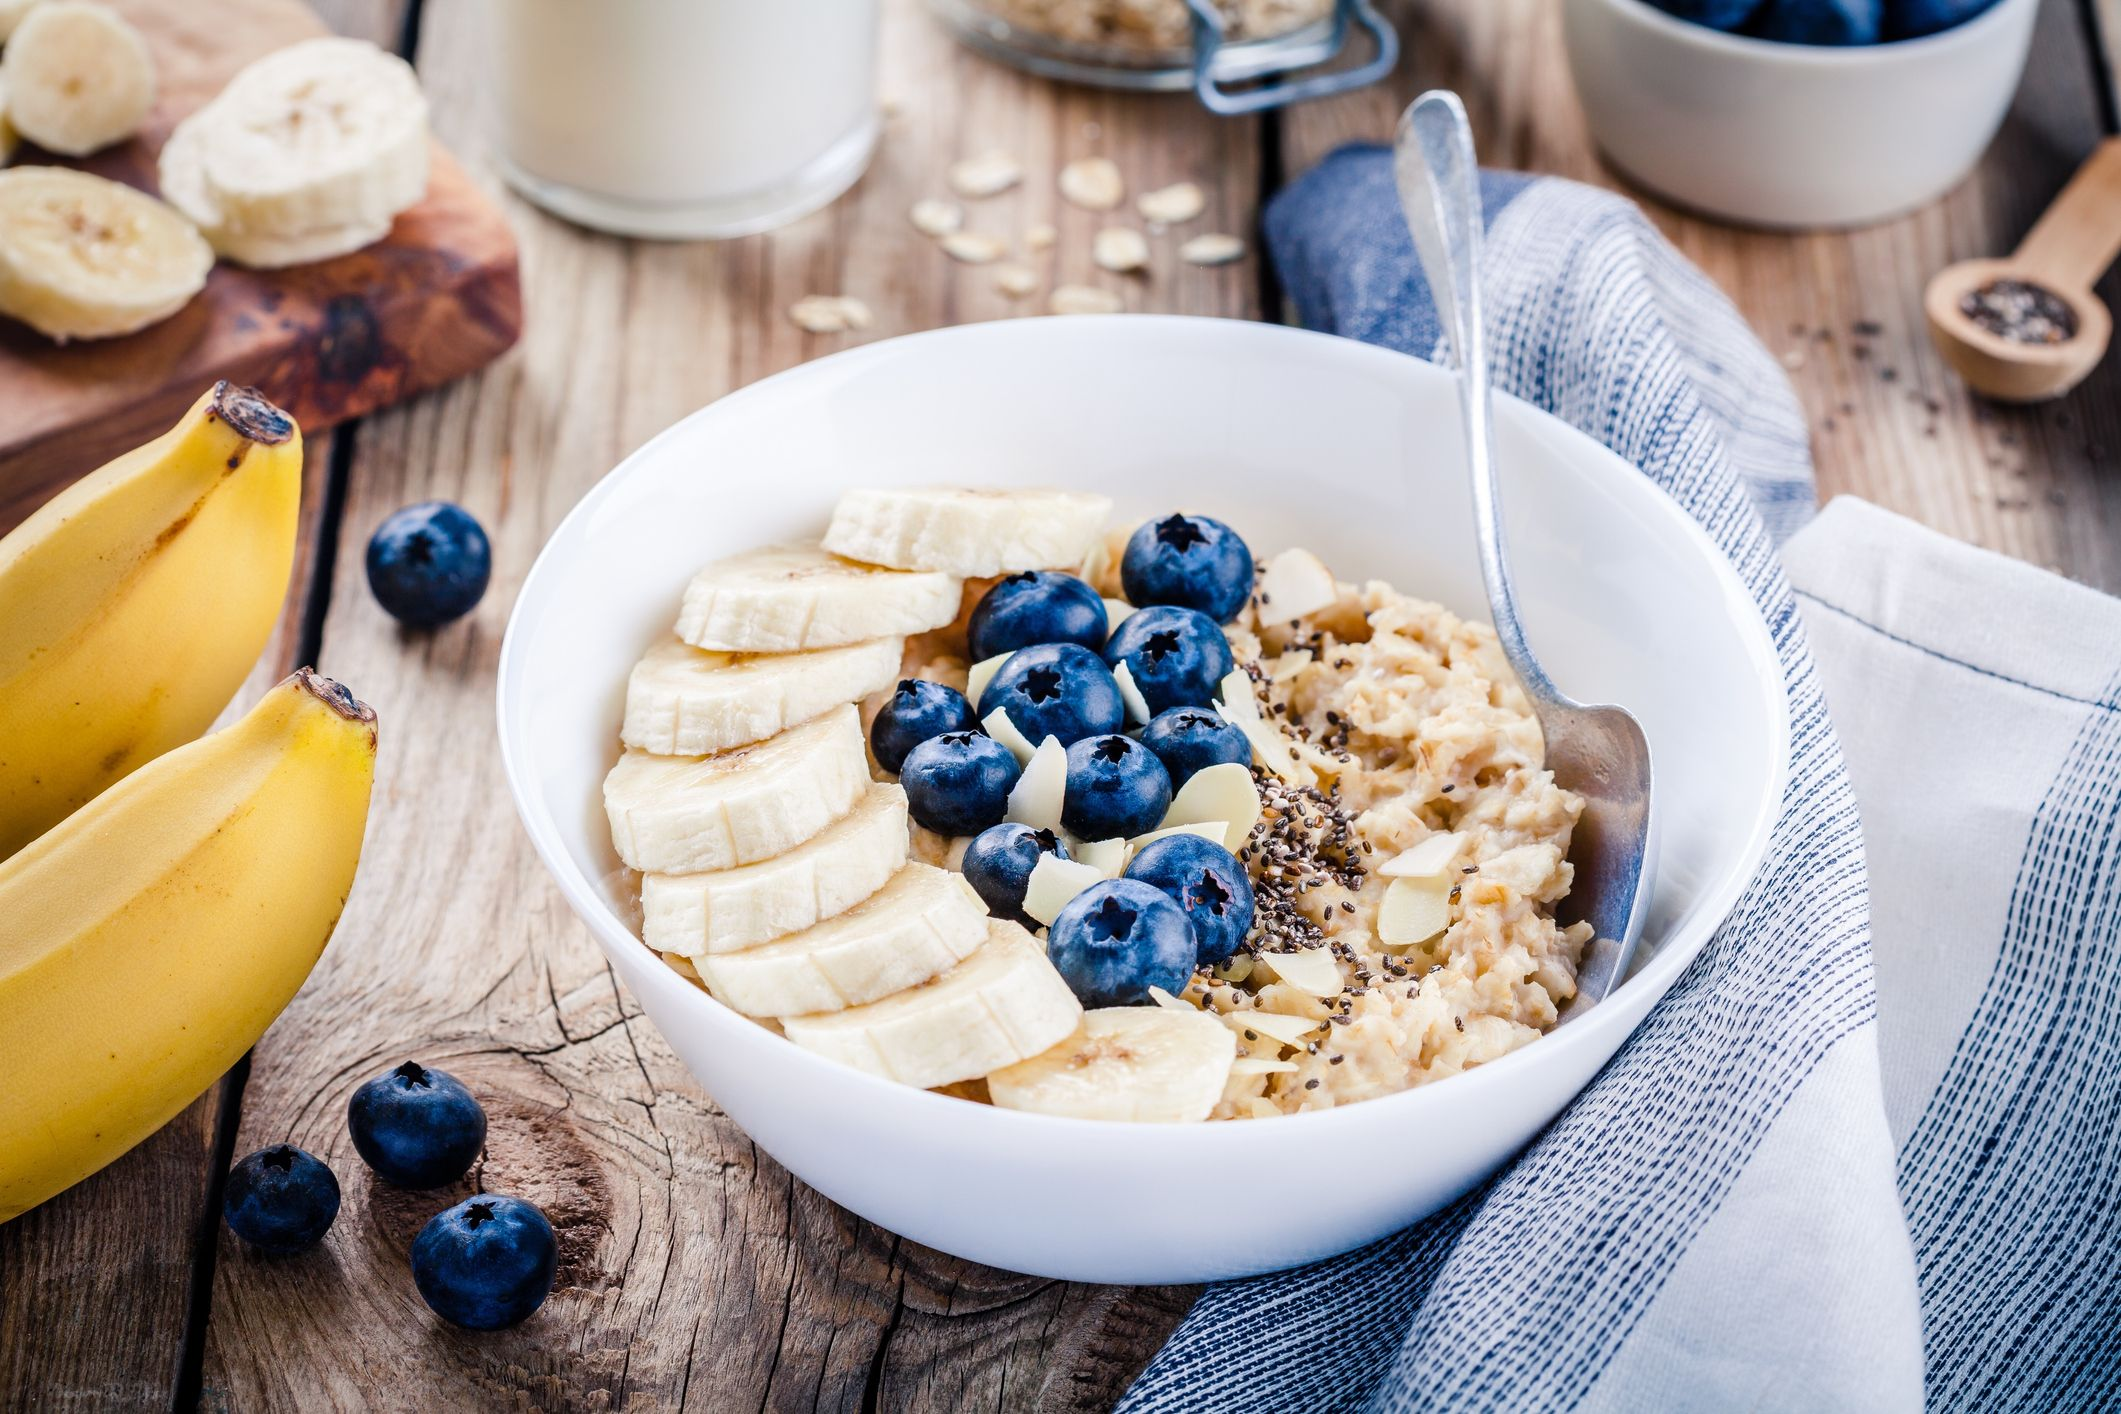 Podemos añadir trozos de frutas, semillas o cereales al porridge o gachas de avena para hacer la receta más completa nutricionalmente.